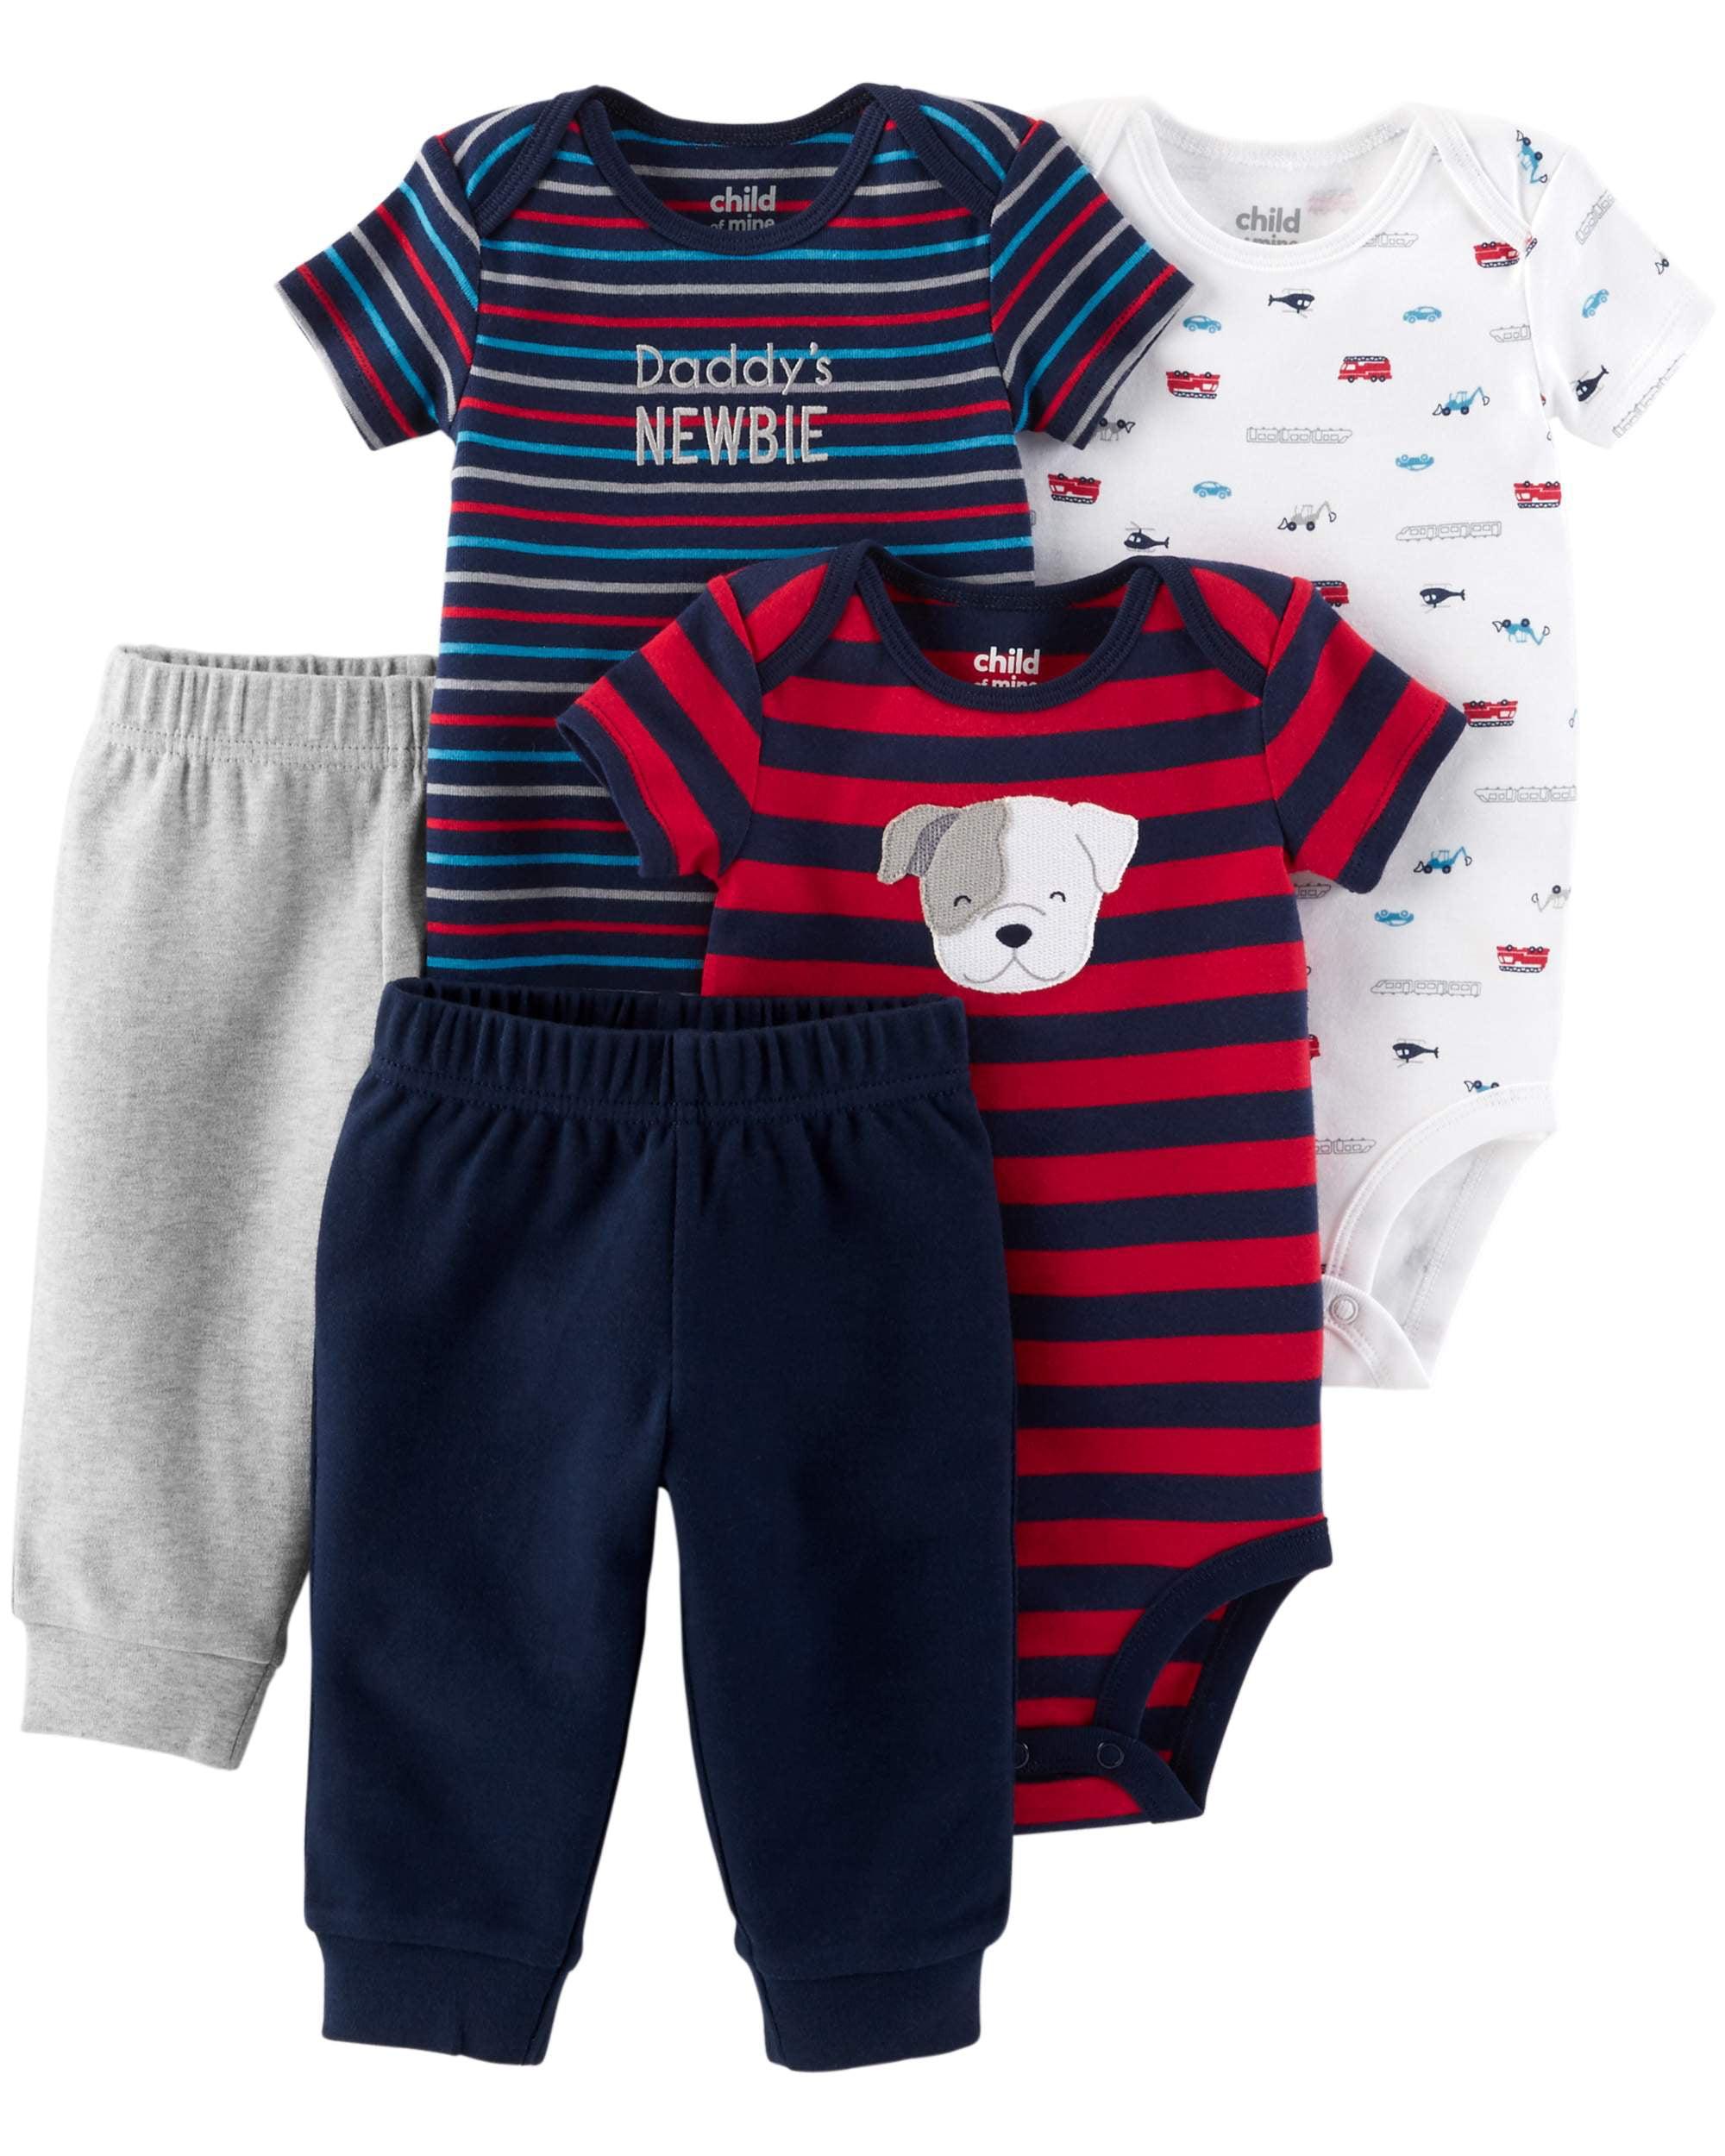 Short Sleeve Bodysuits & Pants, 5pc Set (Baby Boys)